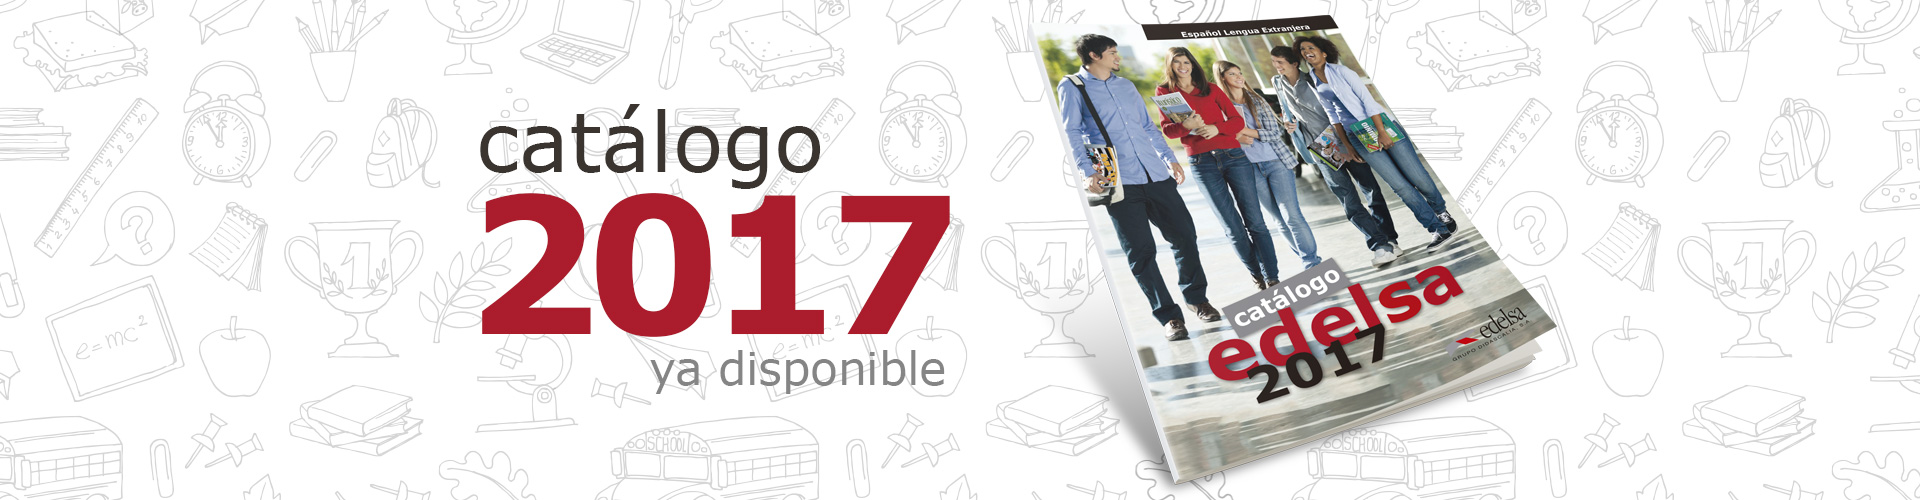 Catálogo Edelsa 2017